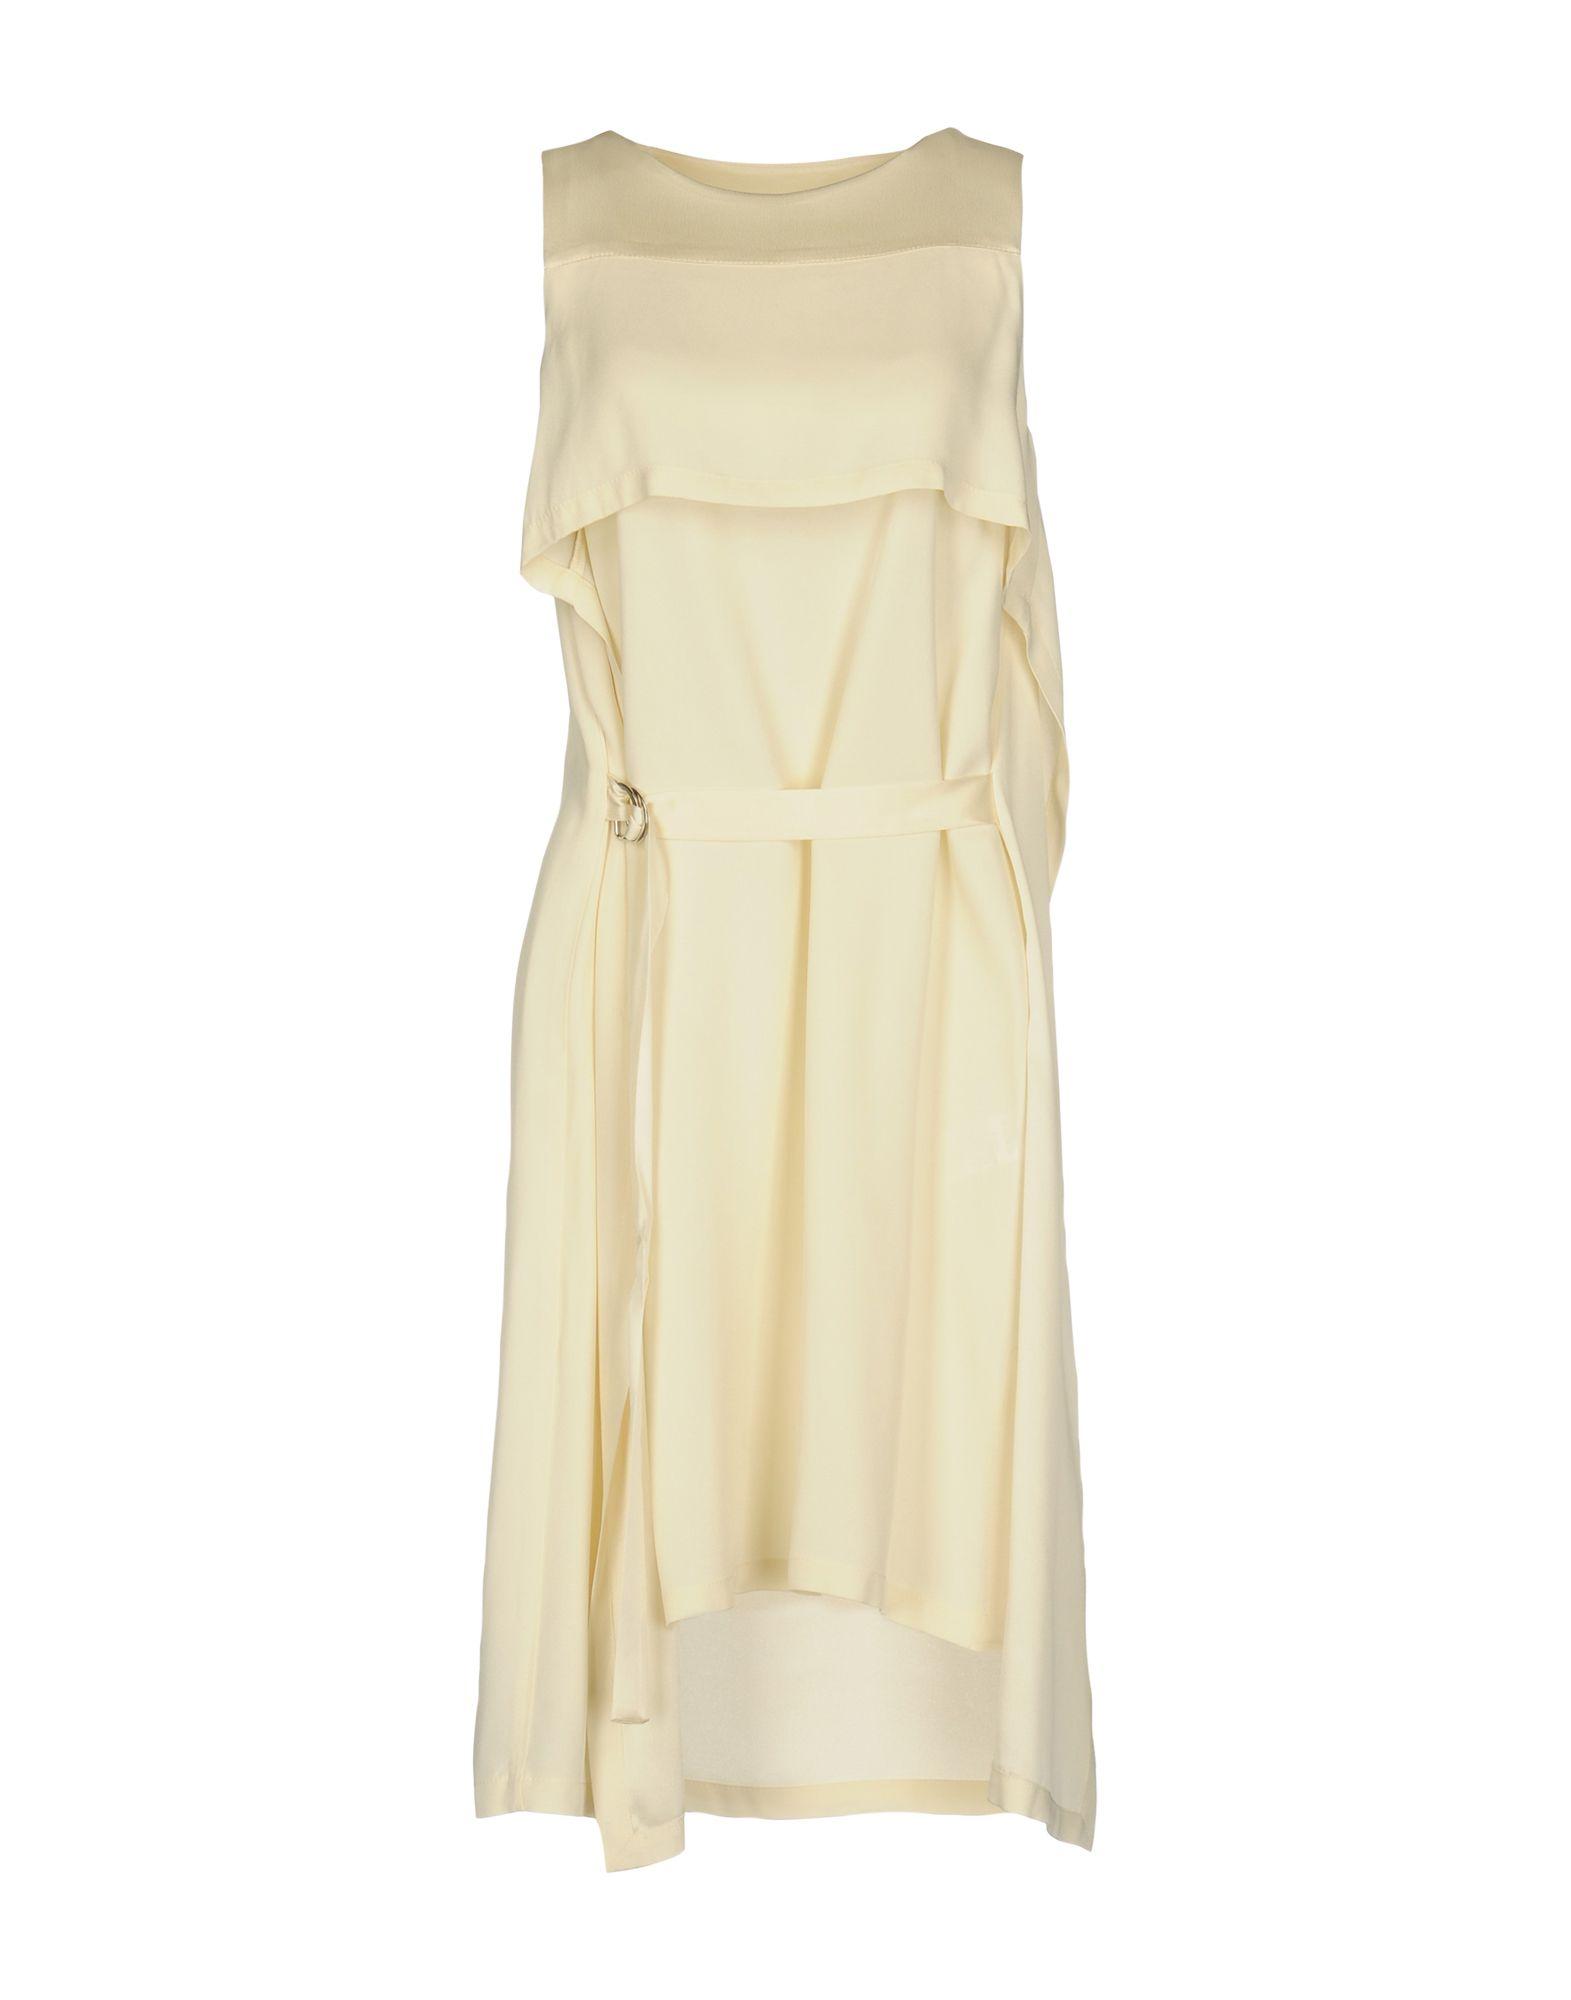 KATIA G. Damen Kurzes Kleid Farbe Elfenbein Größe 6 - broschei